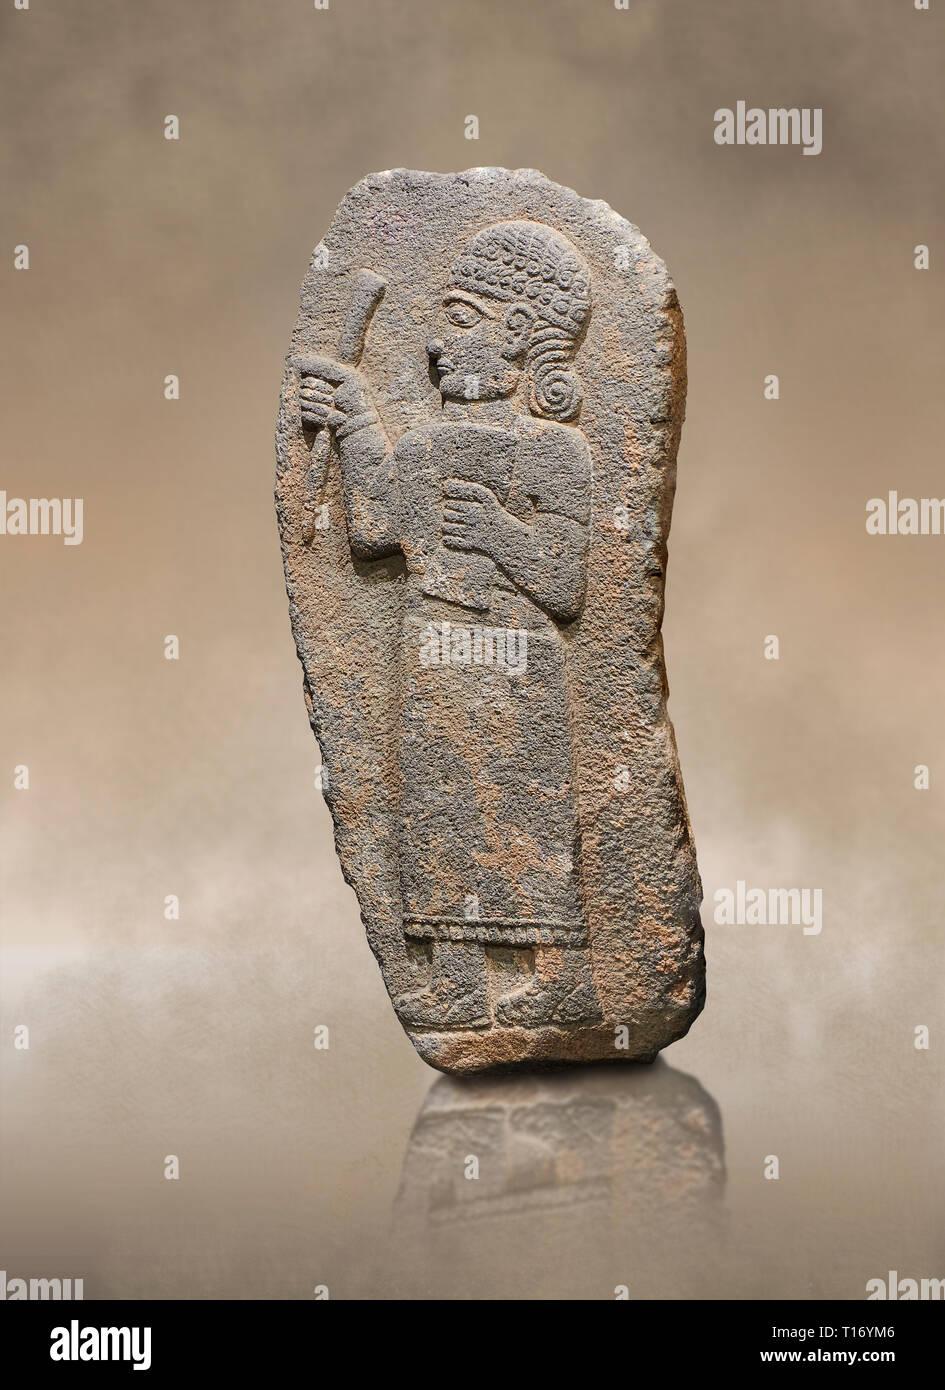 Hitita alivio monumental escultura de una Figura sosteniendo un documento. Museo de Arqueología de Adana, Turquía. Imagen De Stock